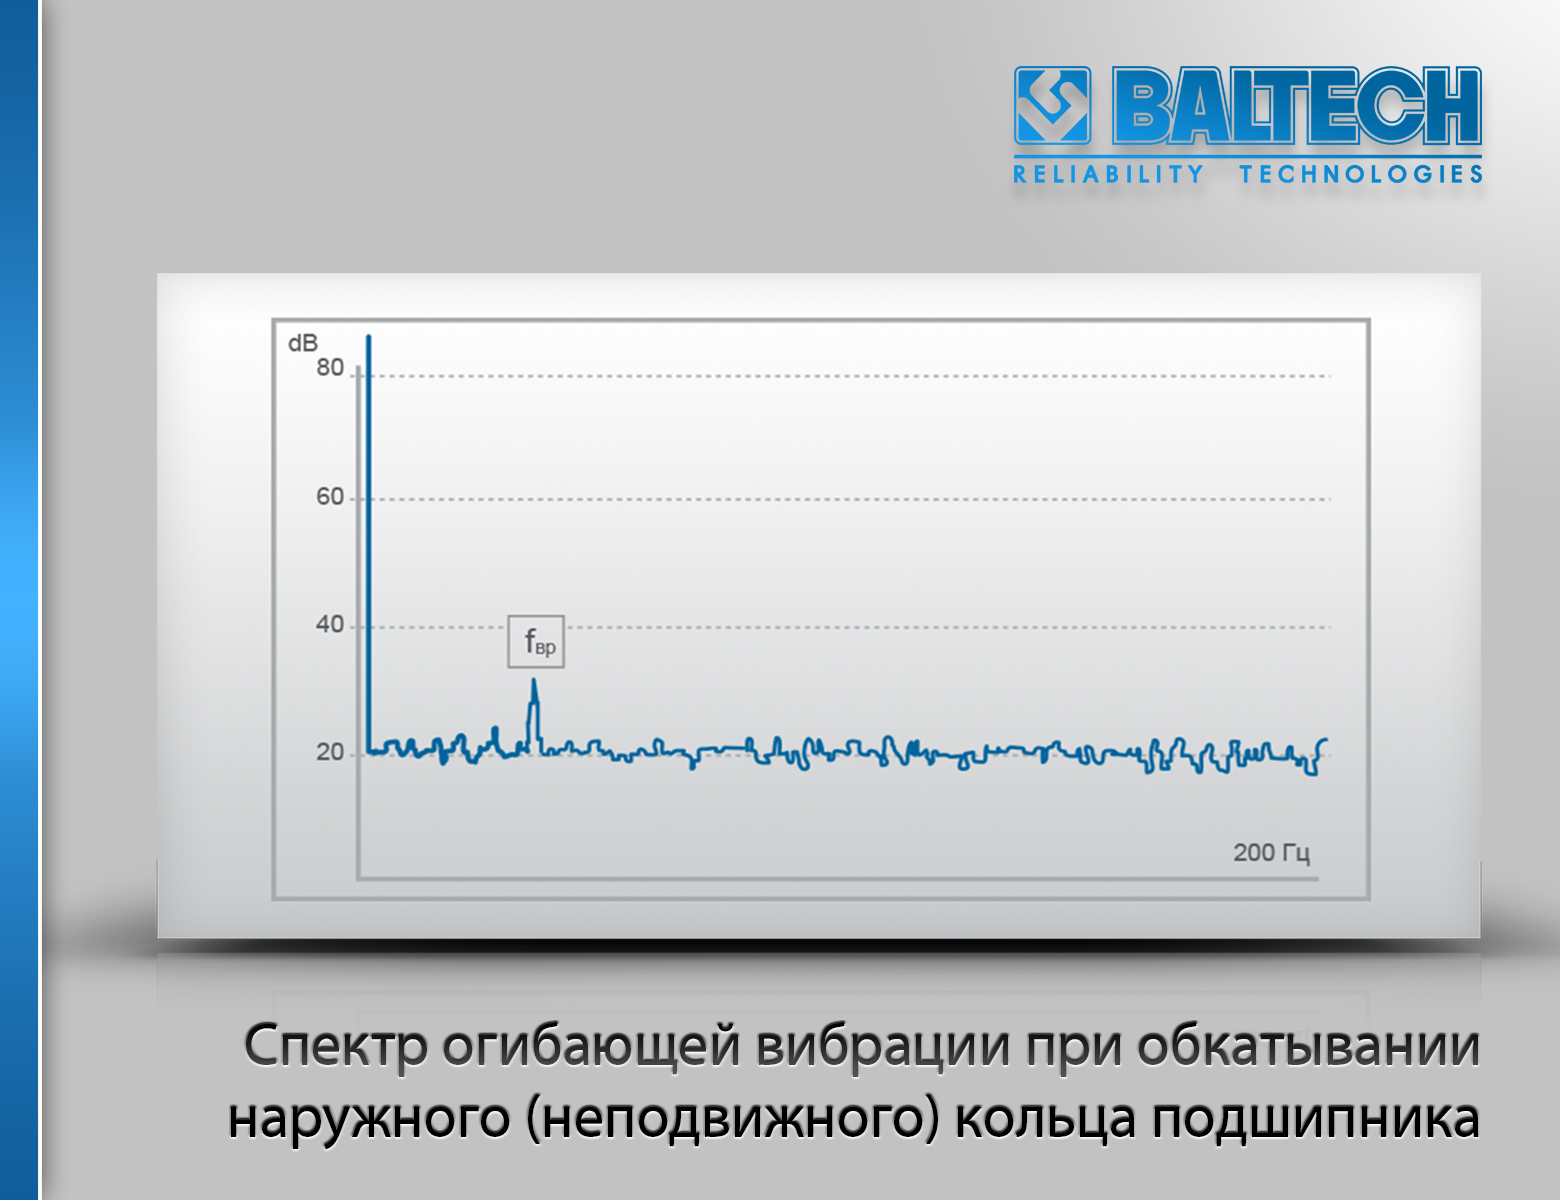 Спектр огибающей вибрации при обкатывании наружного (неподвижного) кольца подшипник, Диагностика подшипников